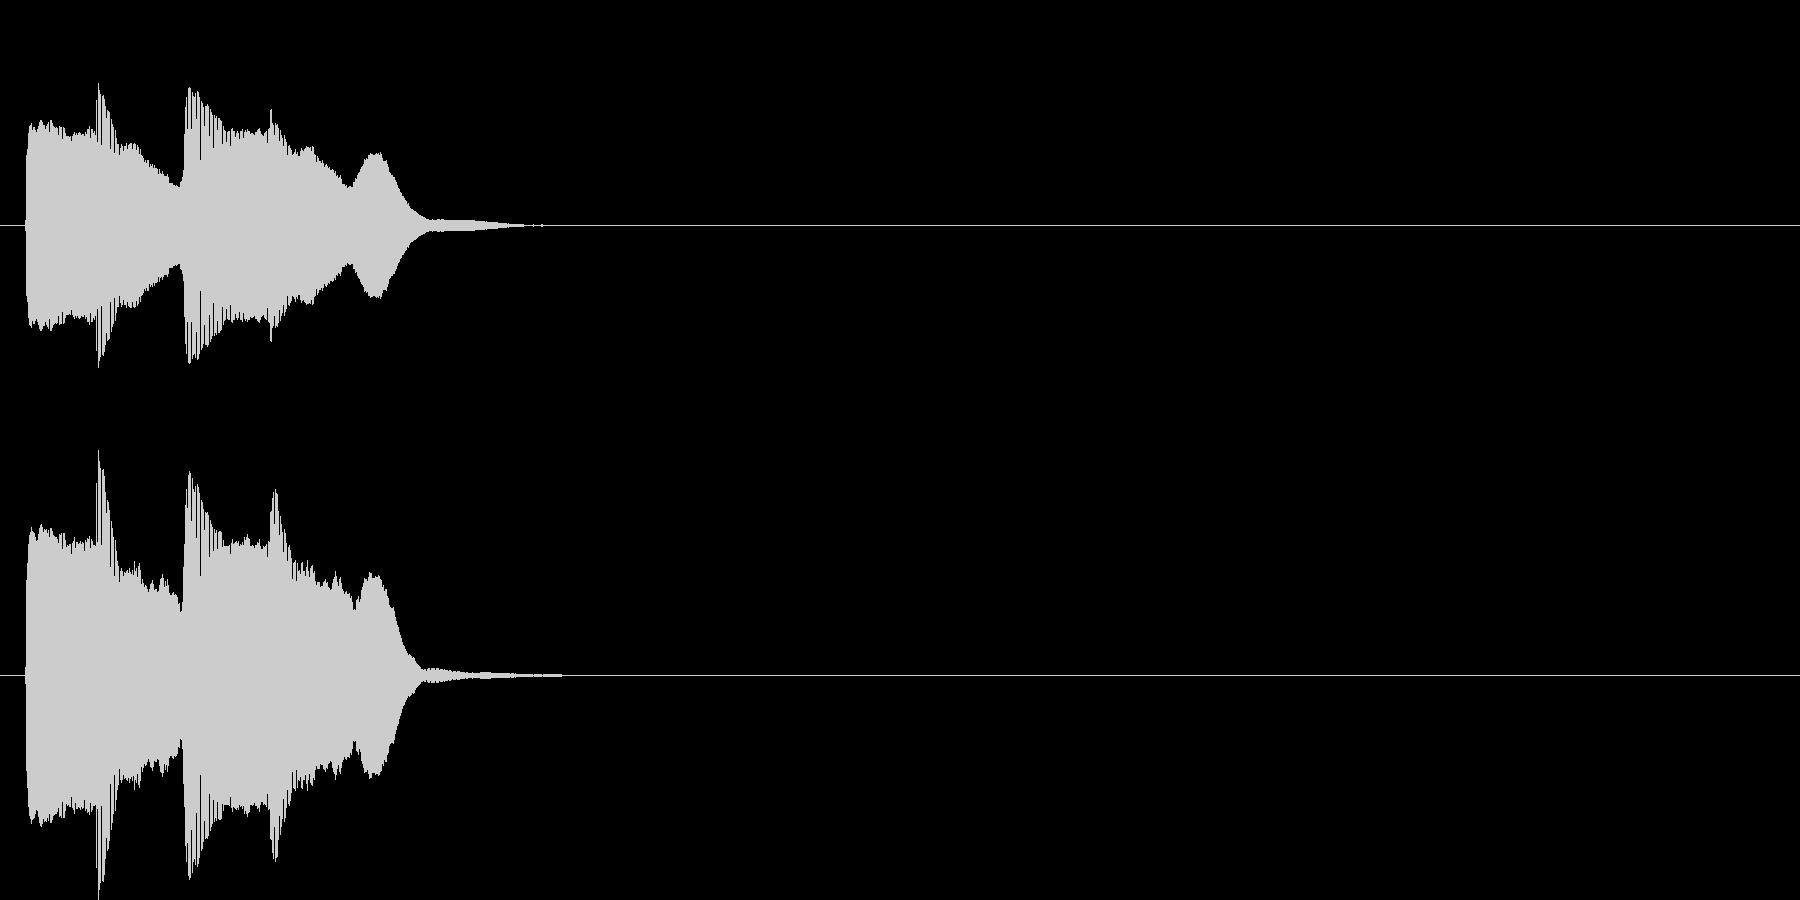 汎用アラート音02(低)の未再生の波形